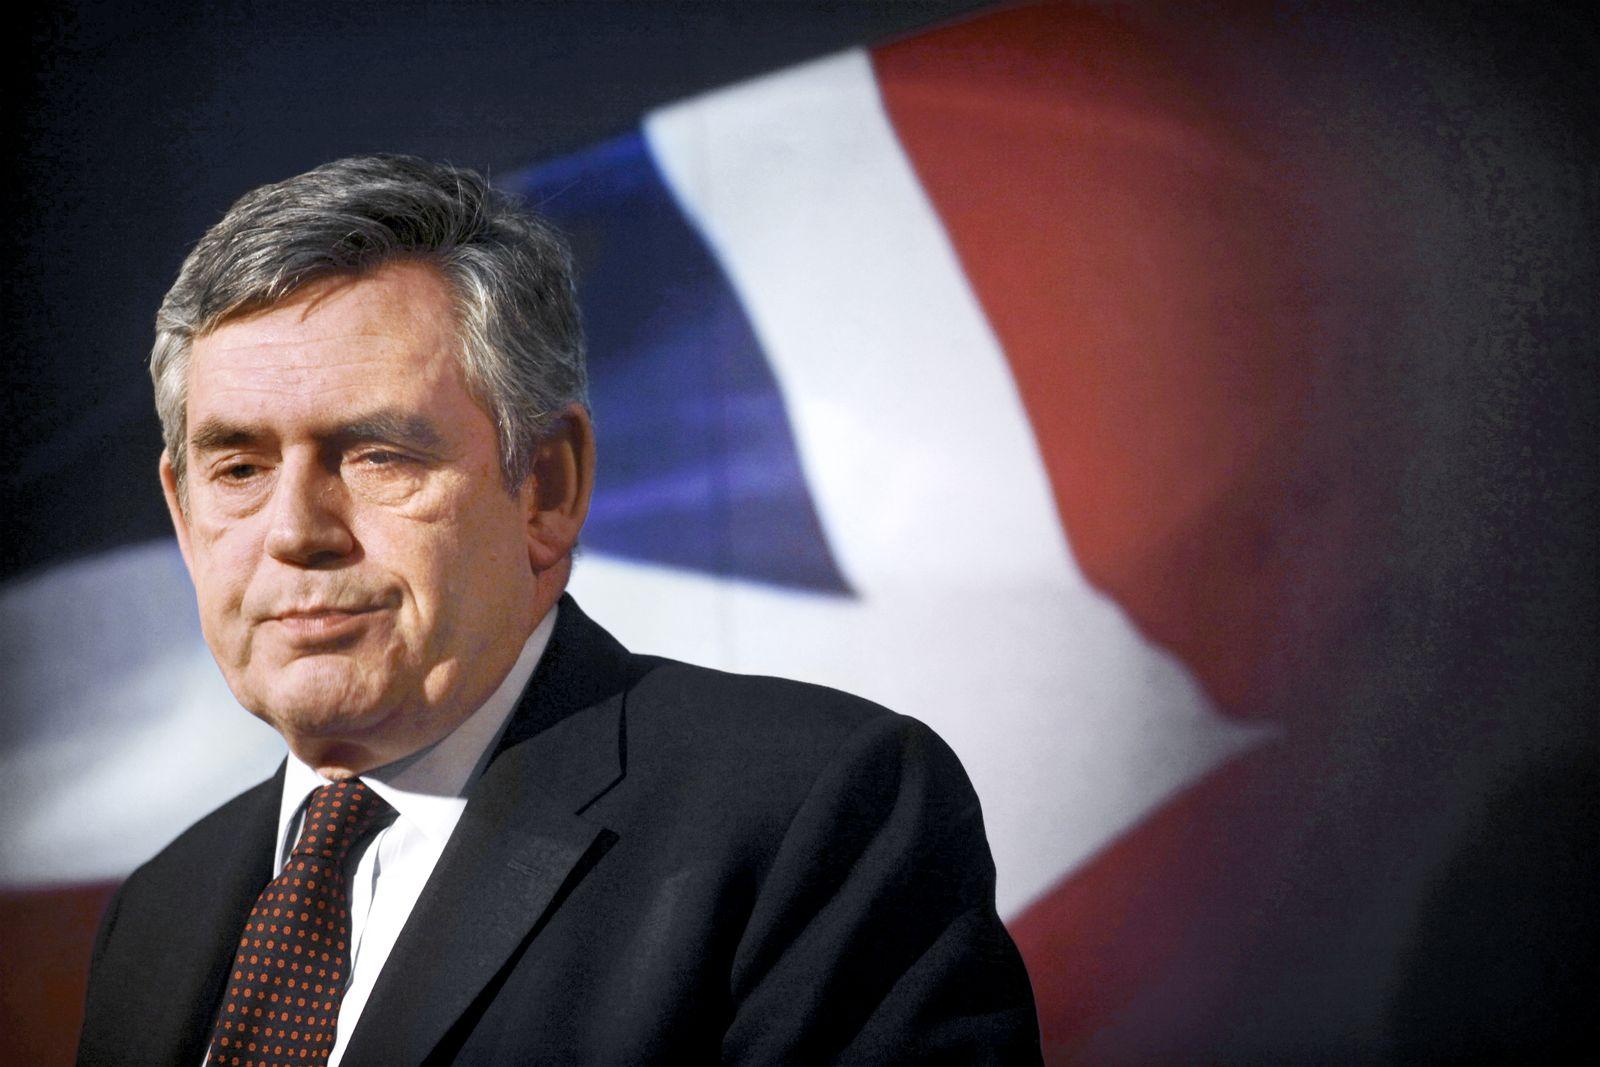 Regierungschef Brown / Schulden Grossbritanien